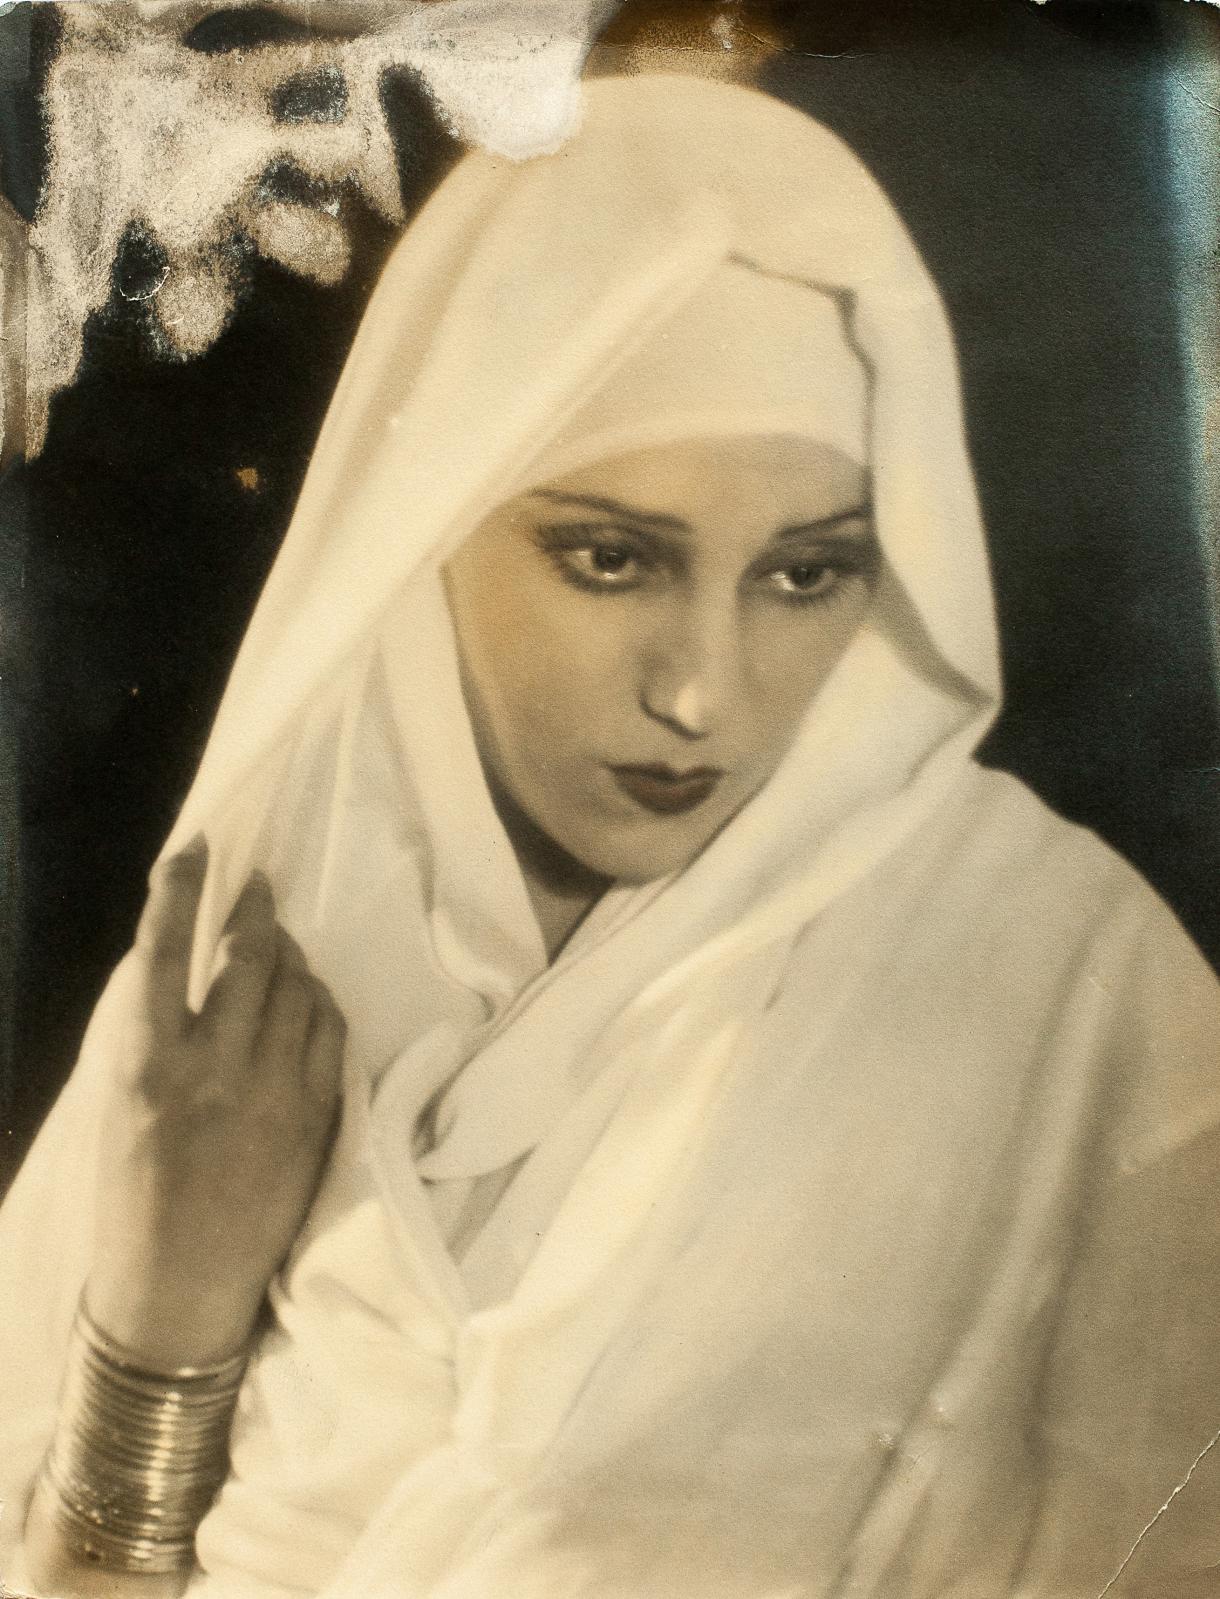 Raquel Meller, vers 1928, photographie parue en une du magazine Vu en 1928. ©Ruben Sobol/BnF, département des Arts du spectacle/Donation